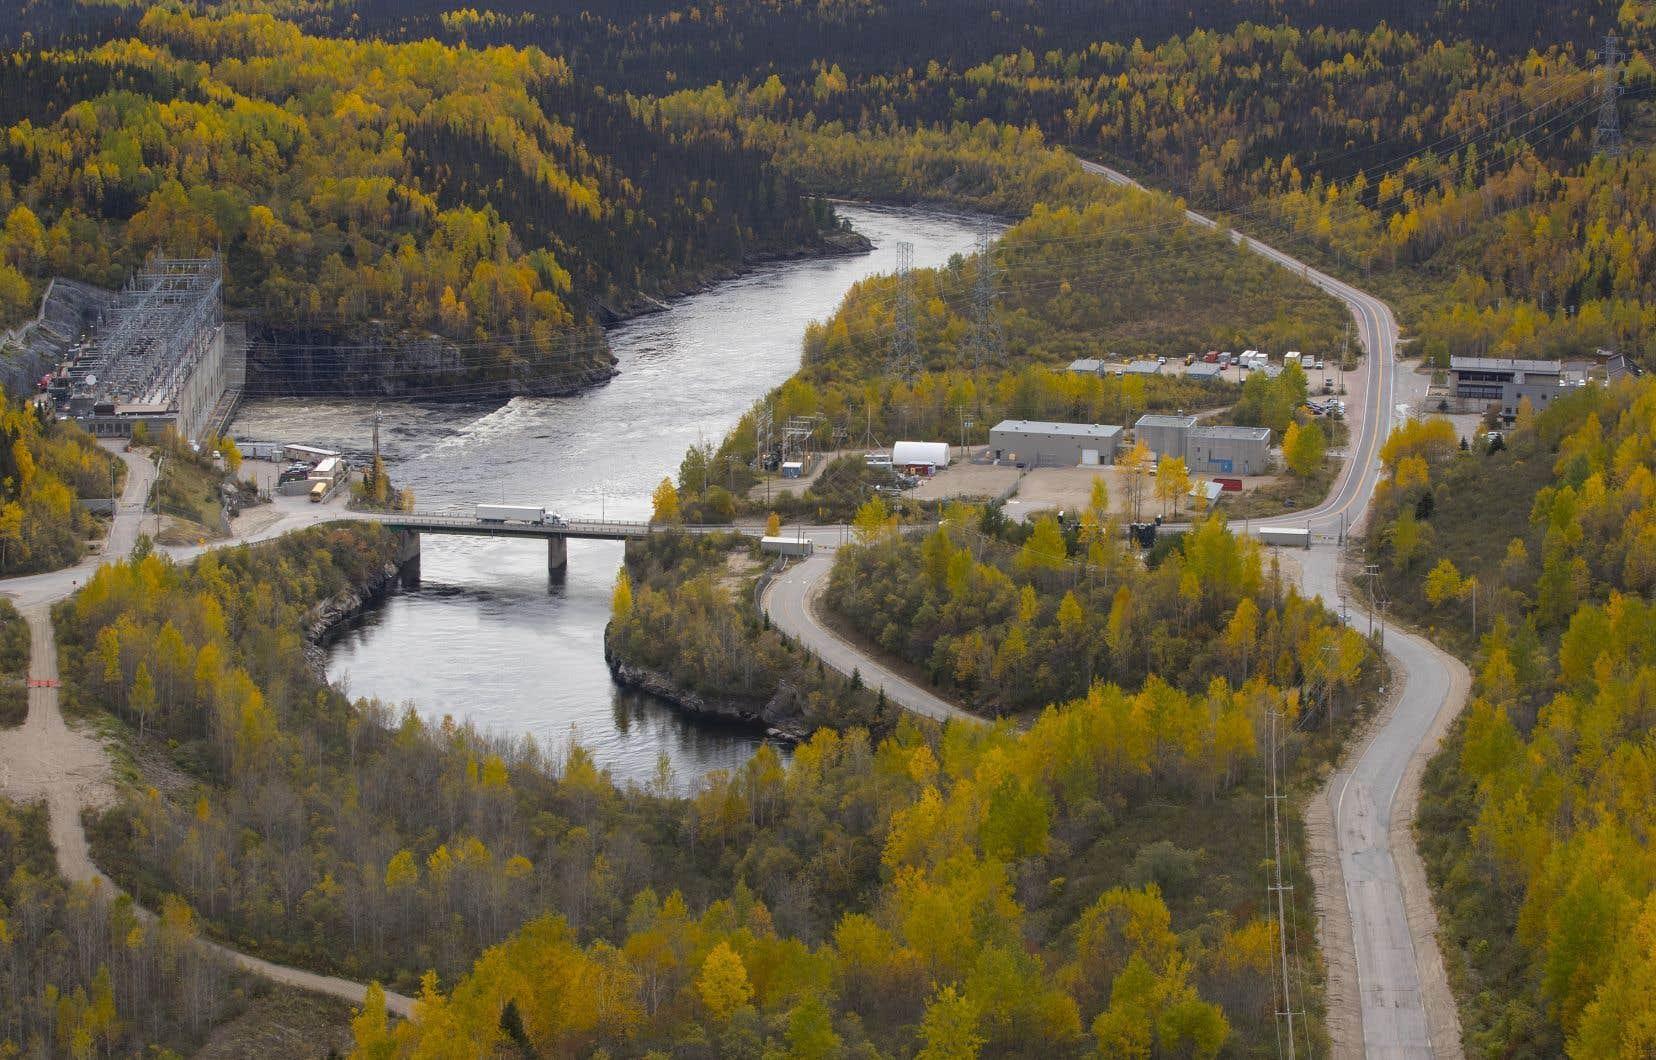 Les Innus de Pessamit et les Atikamekws de Wemotaciaccusent le gouvernement d'avoir bâti des barrages, des réservoirs et des lignes de transport sur leurs territoires de manière illicite. Sur la photo, le barrage Daniel-Johnson